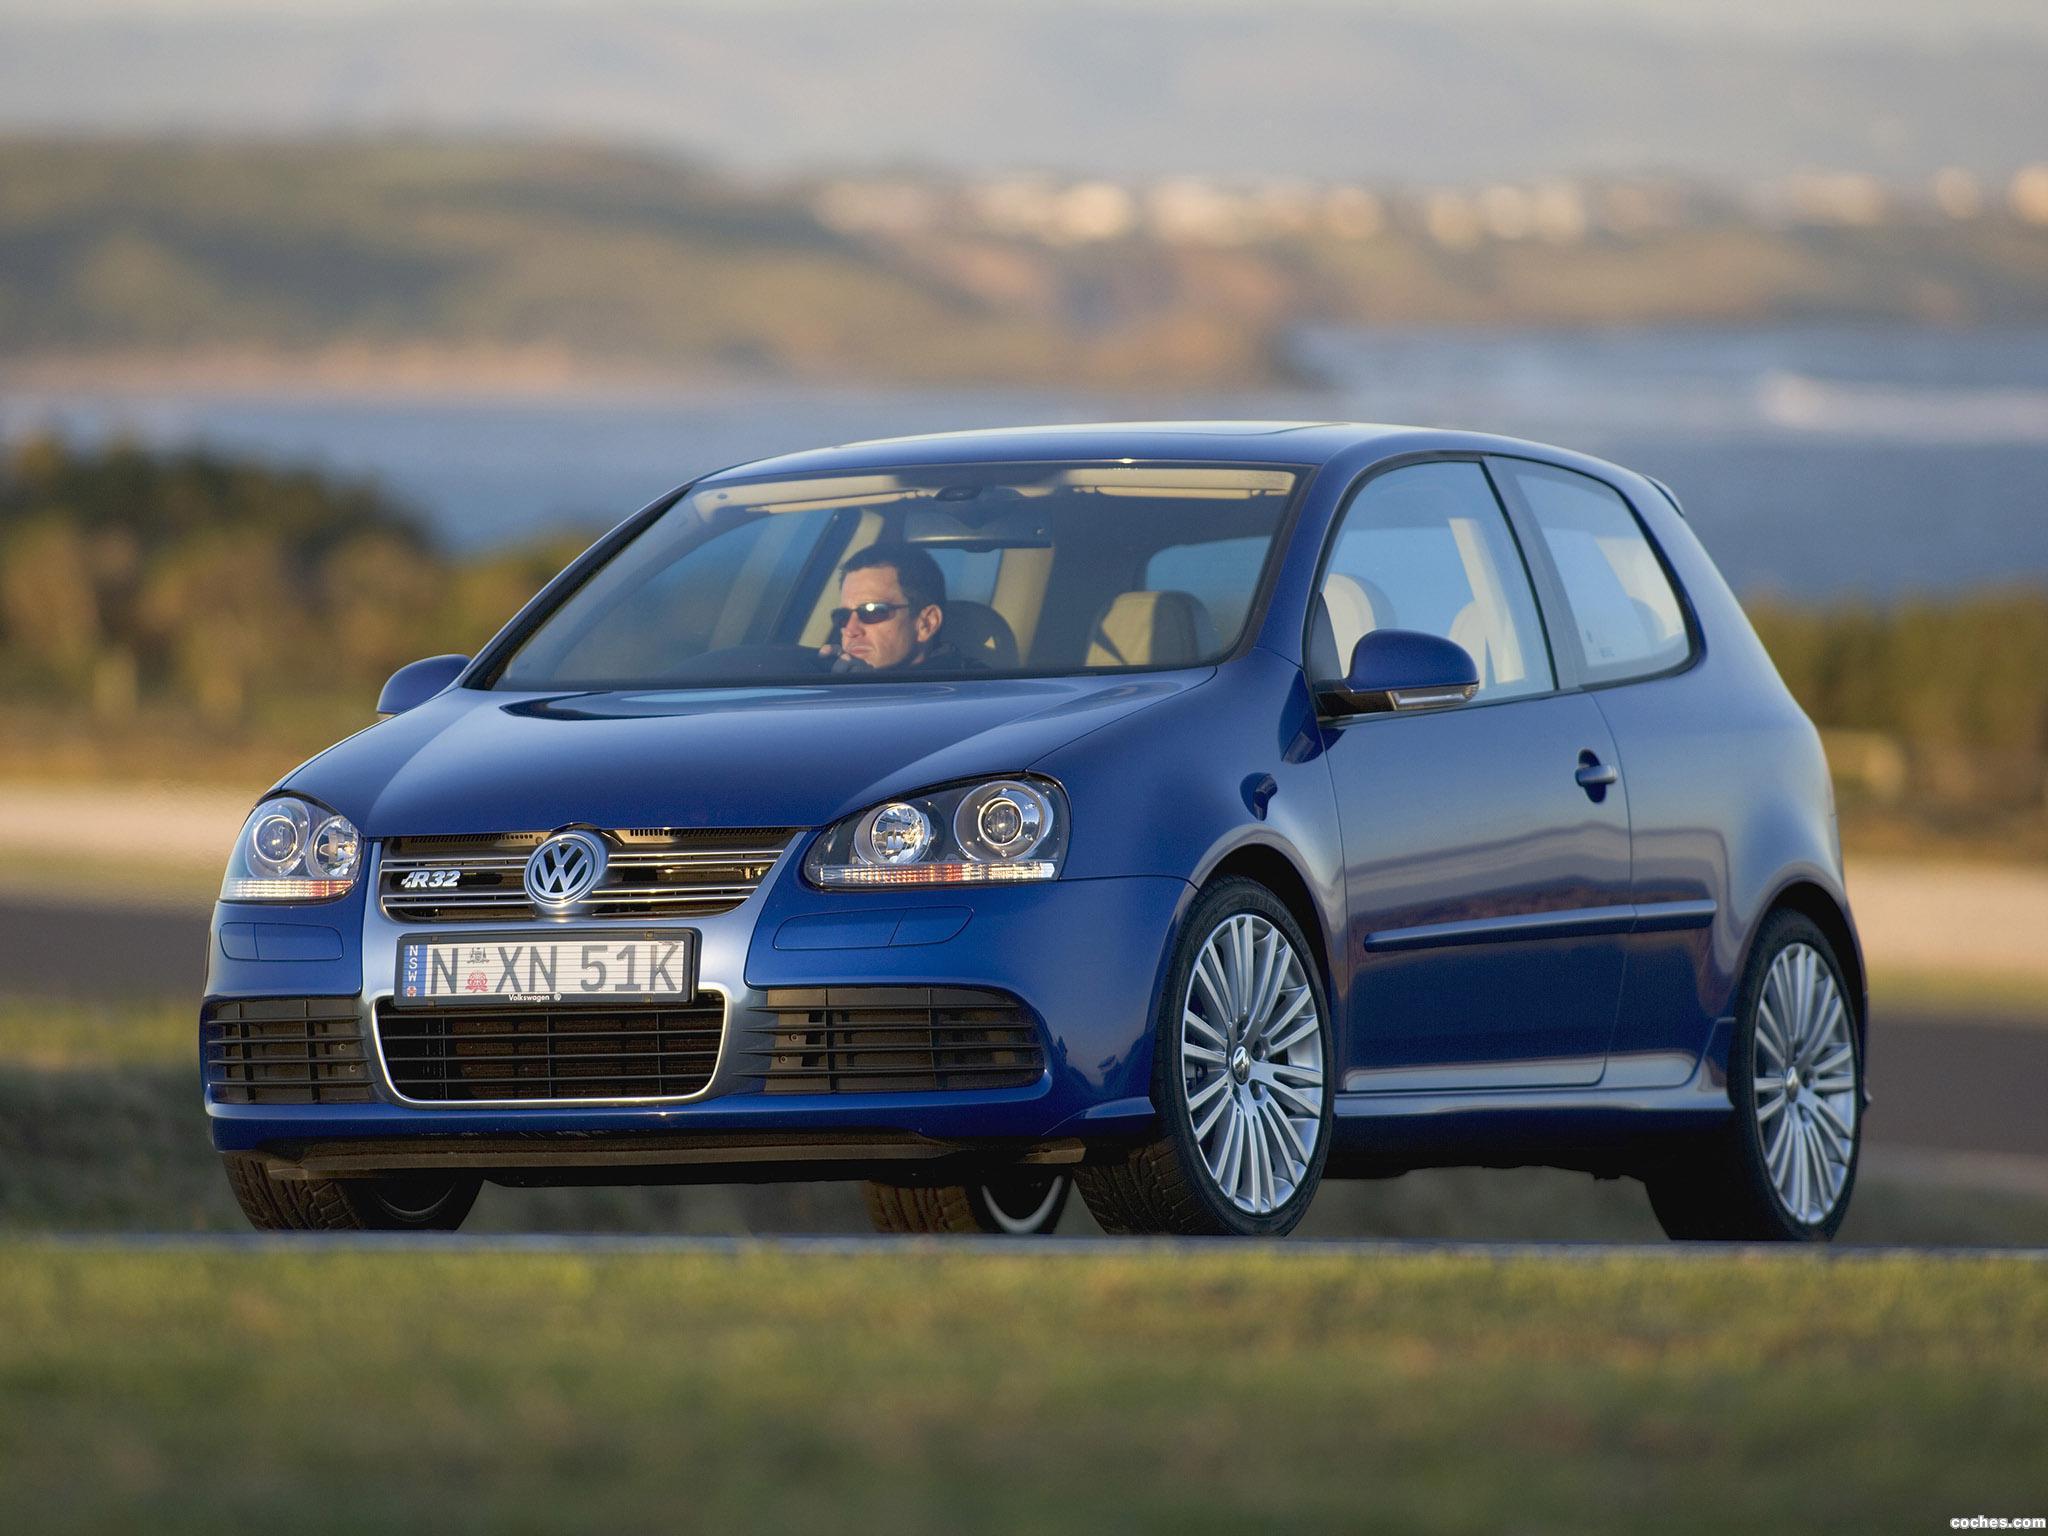 Foto 0 de Volkswagen Golf R32 3 Puertas Australia 2006